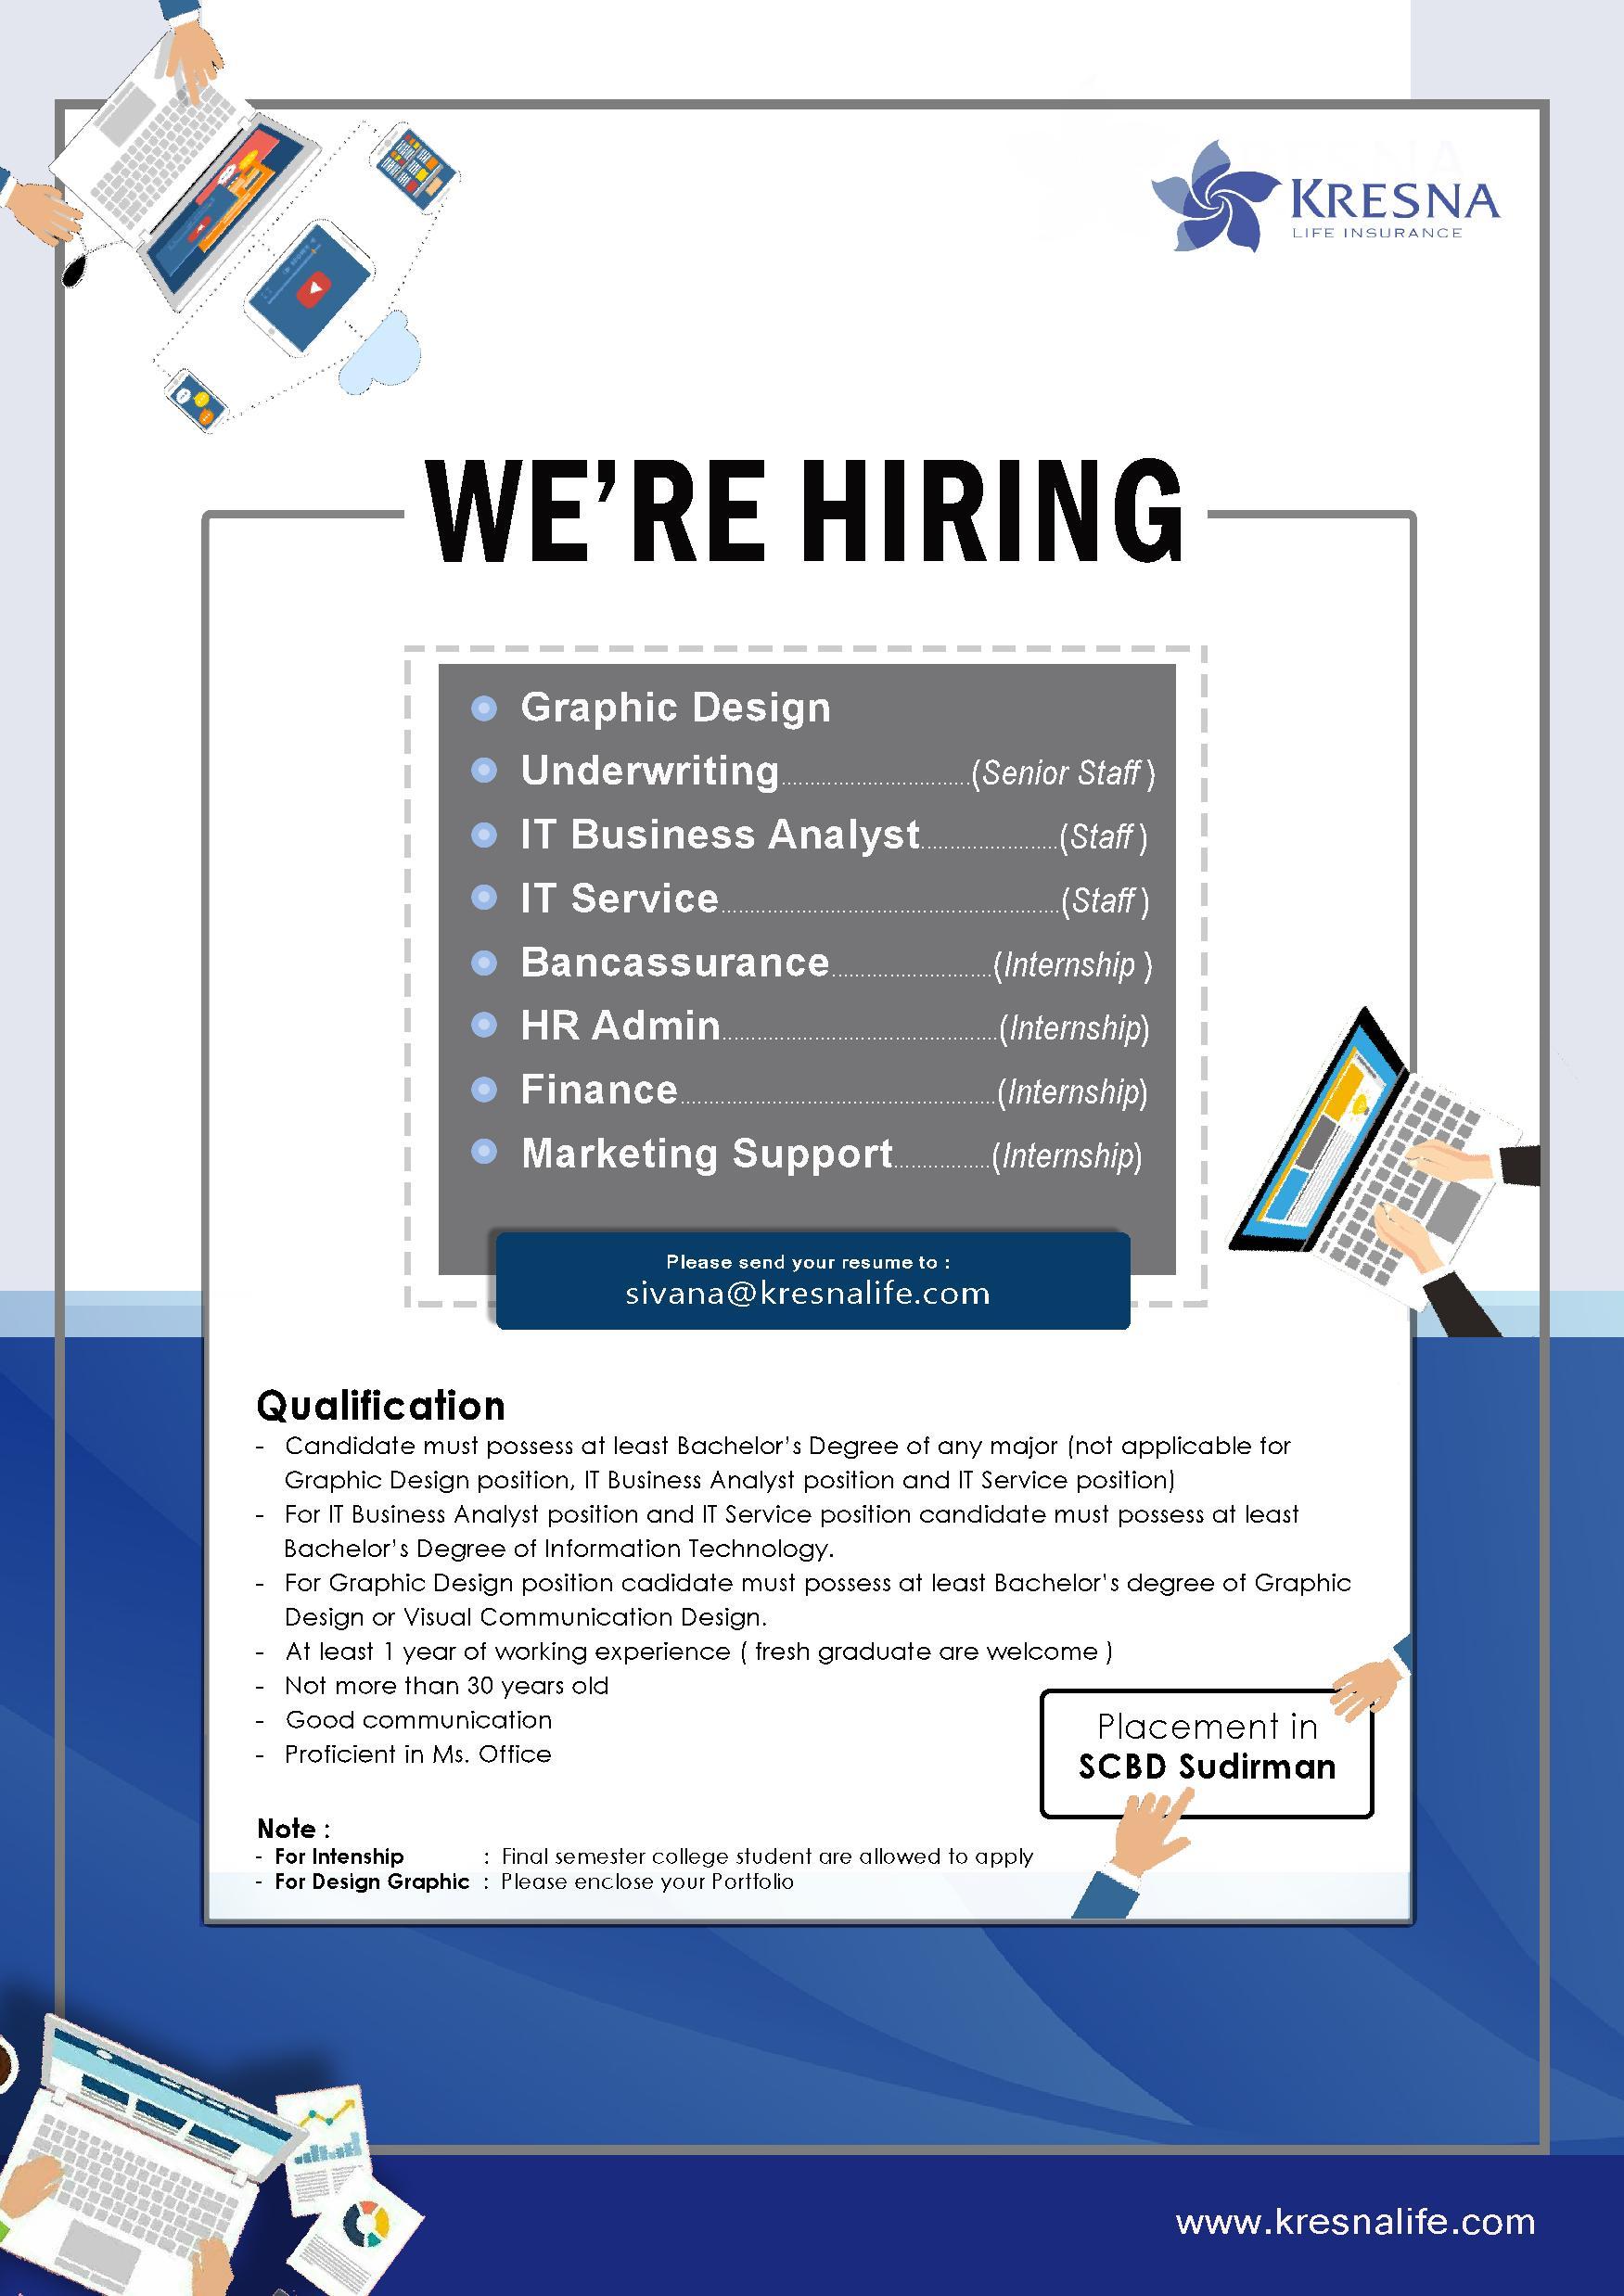 Informasi Lowongan Pekerjaan di PT Asuransi Jiwa Kresna